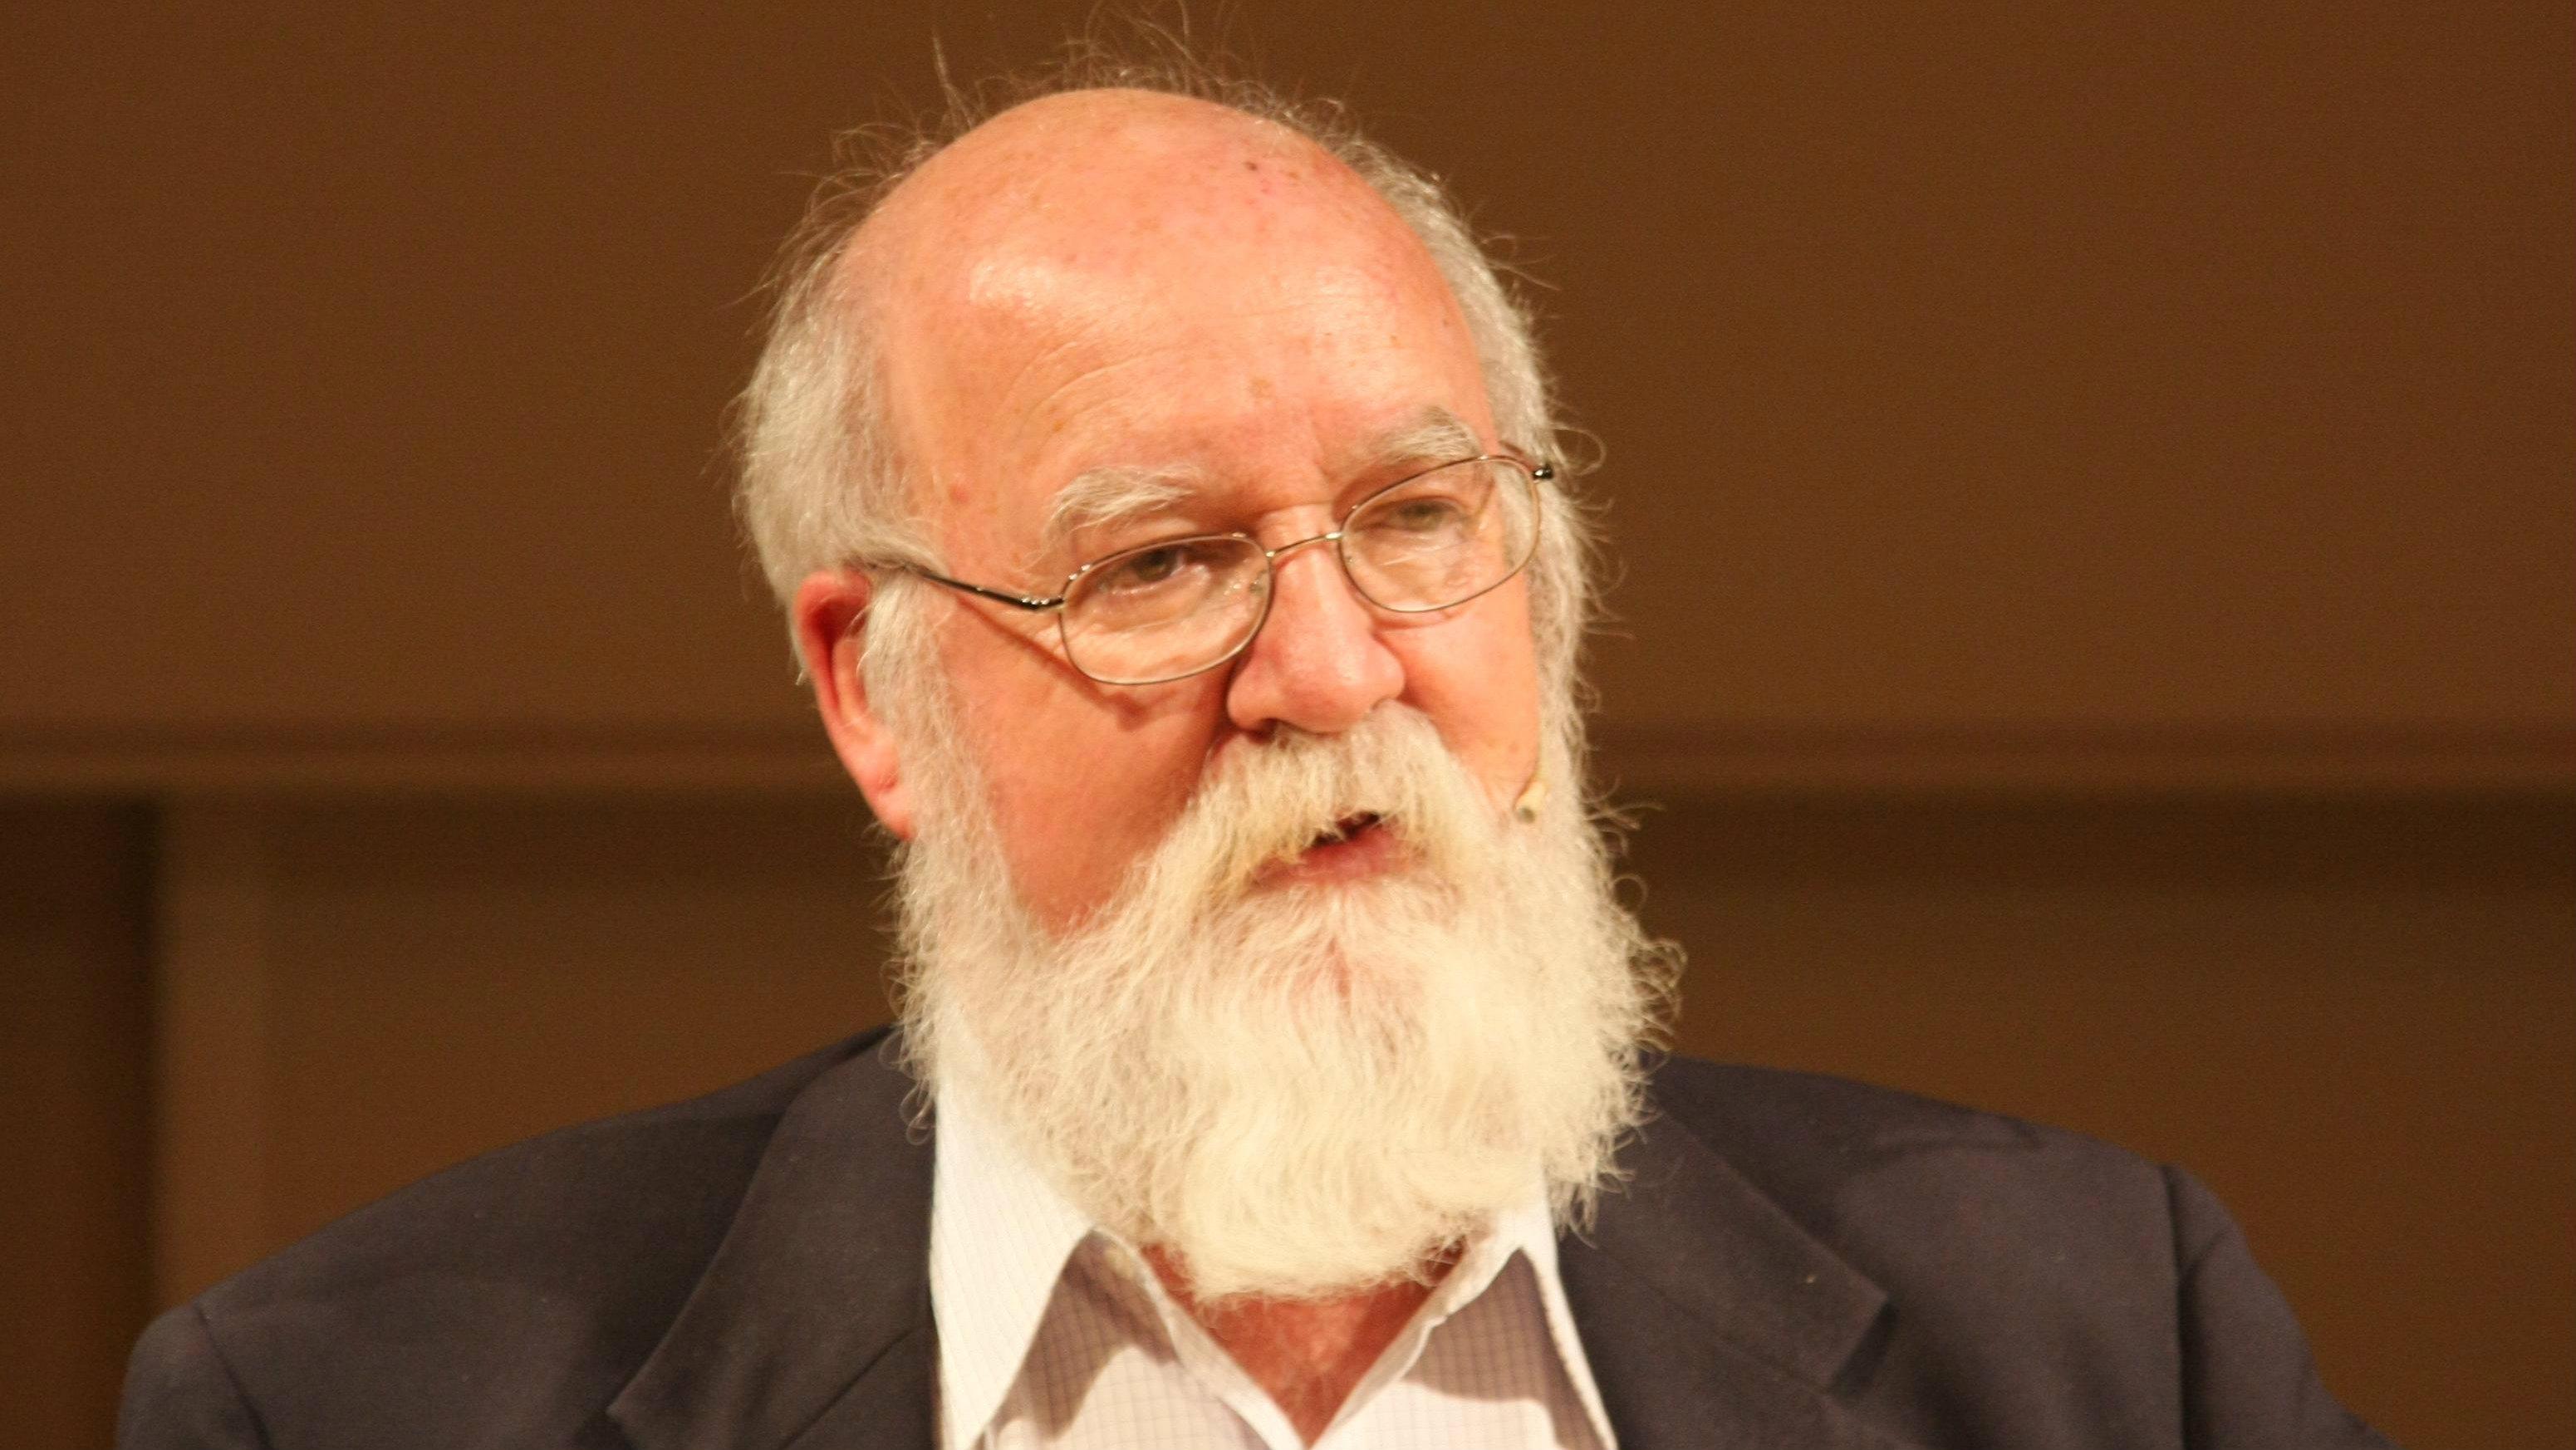 Daniel Dennett at the 17. Göttinger Literaturherbst, October 19th, 2008, in Göttingen, Germany.